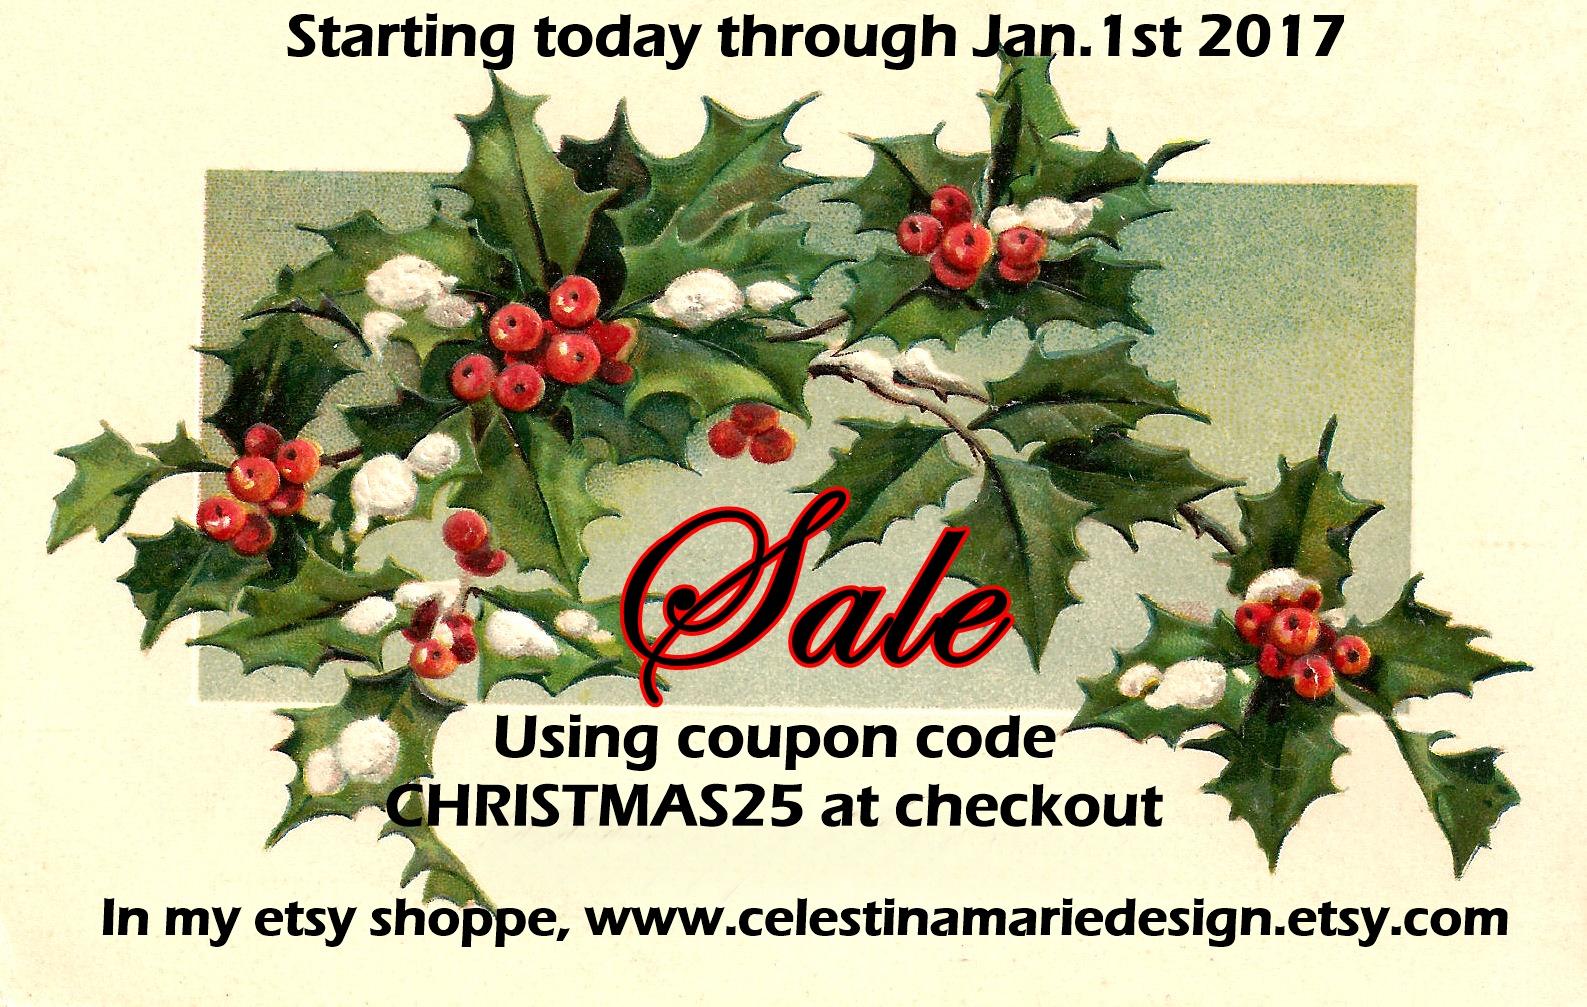 Christmas Sale, CHRISTMAS25